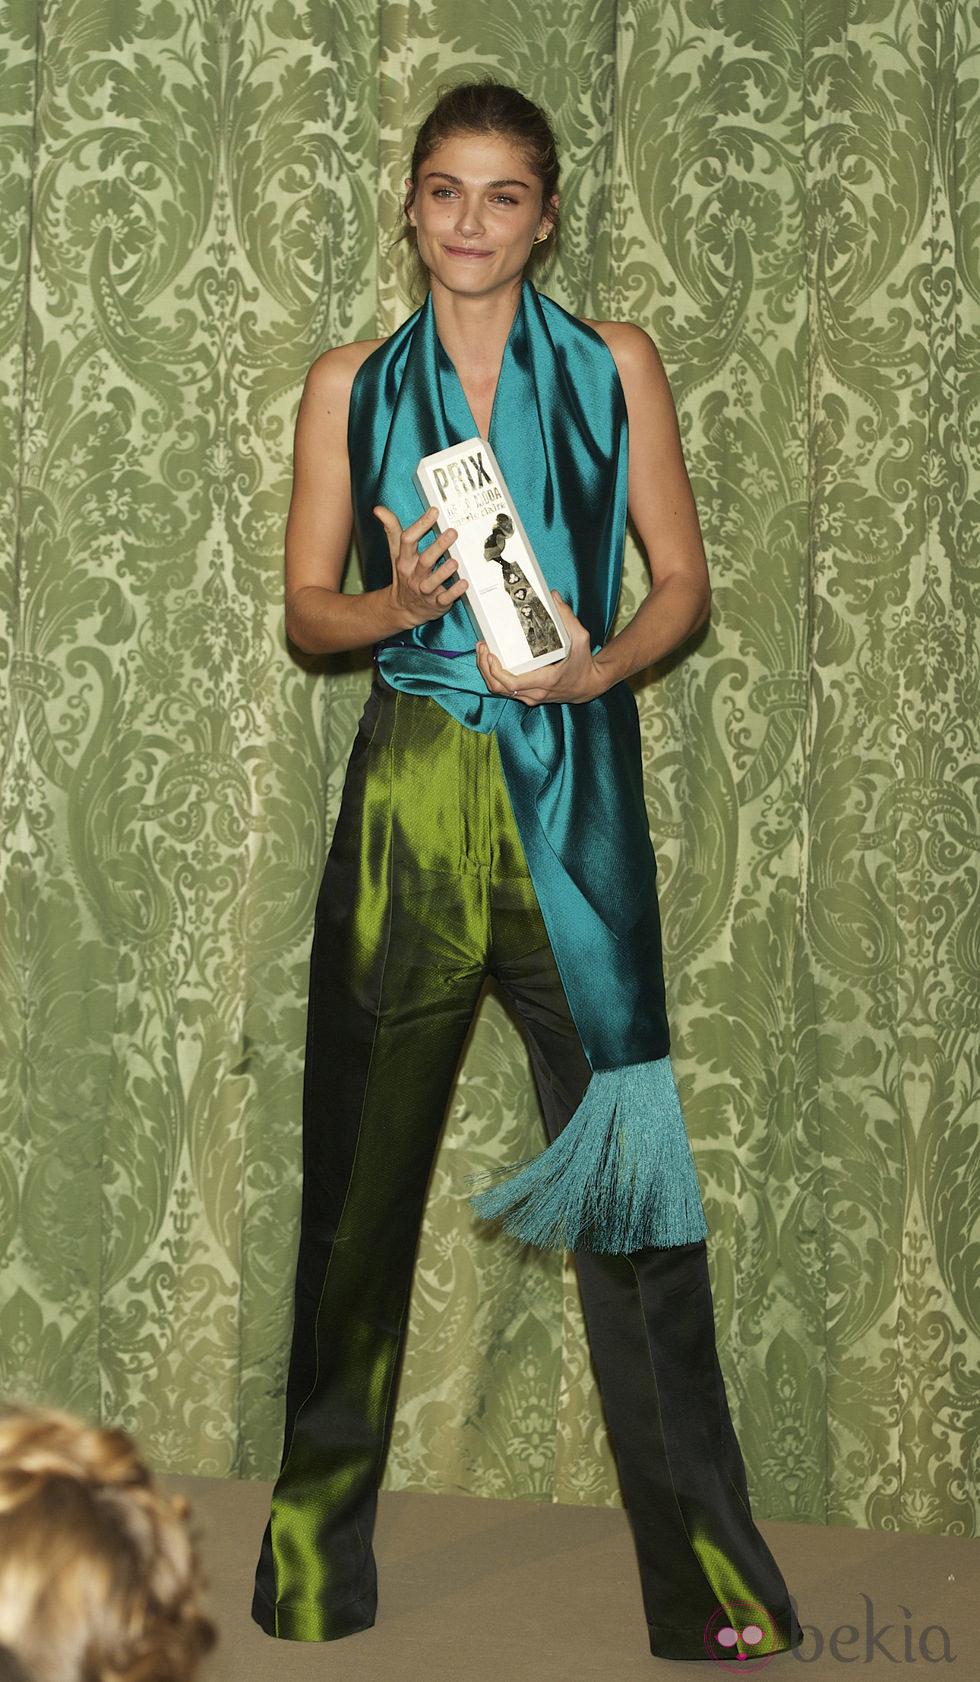 Elisa Sednaoui en los Premios Prix de Moda de Marie Claire 2011